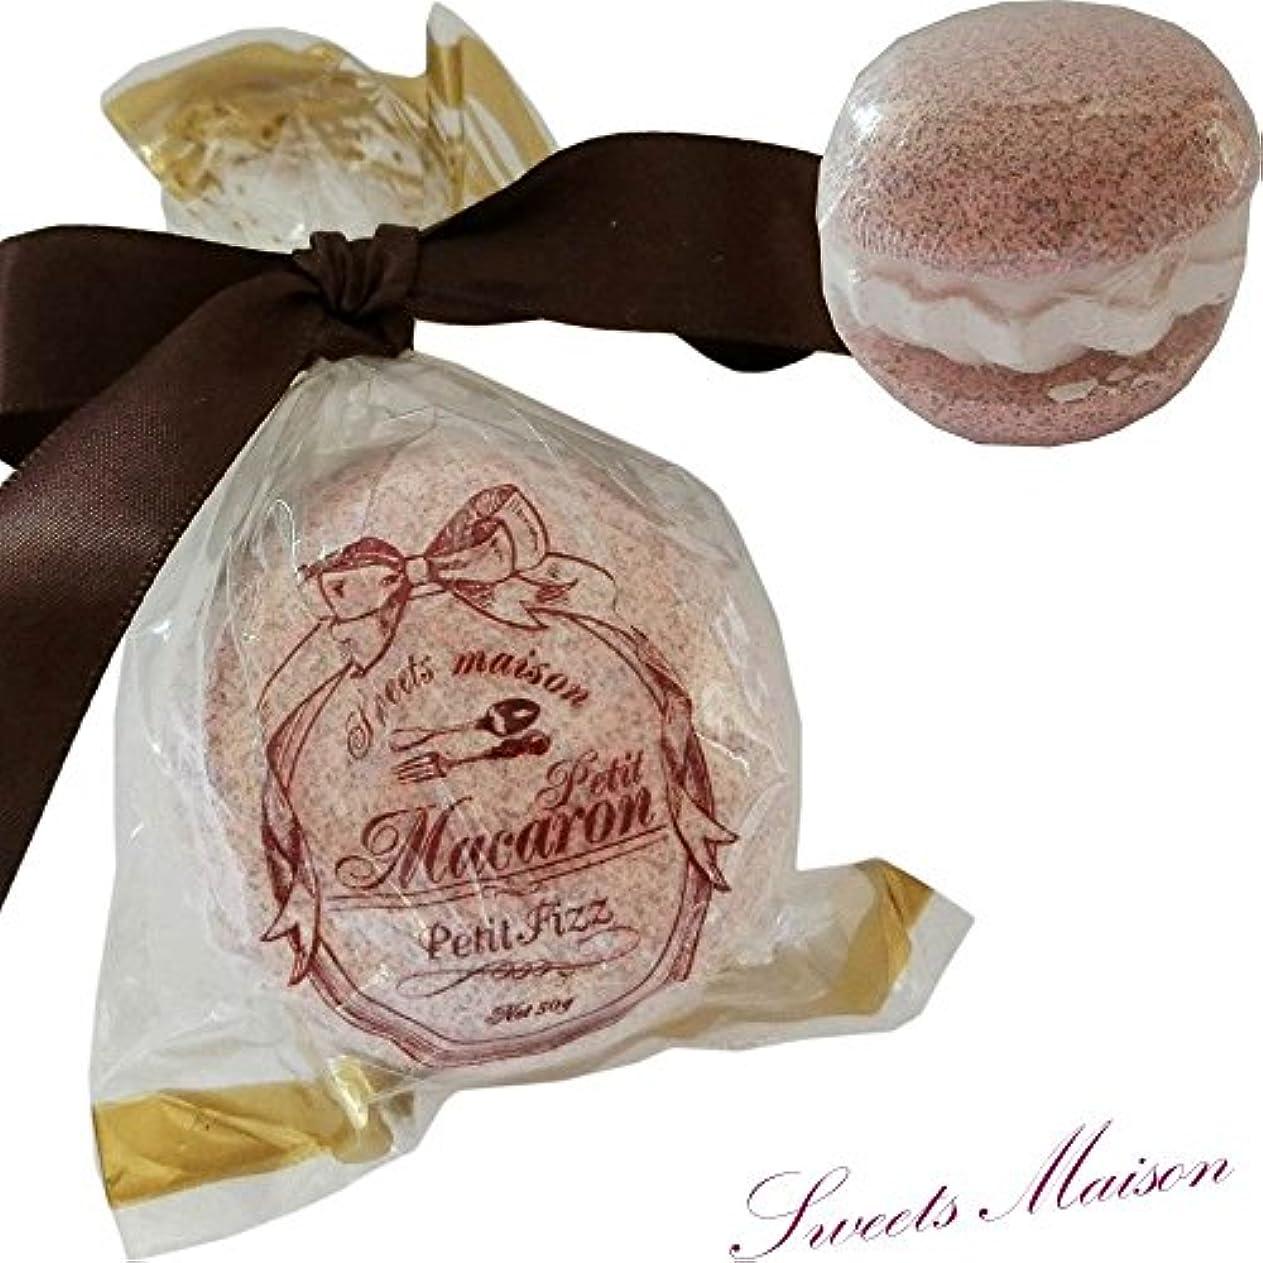 銛ピストルピストル【Sweets Maison】プチマカロンフィズ ビターなマンダリン&チョコレートの香り 1個